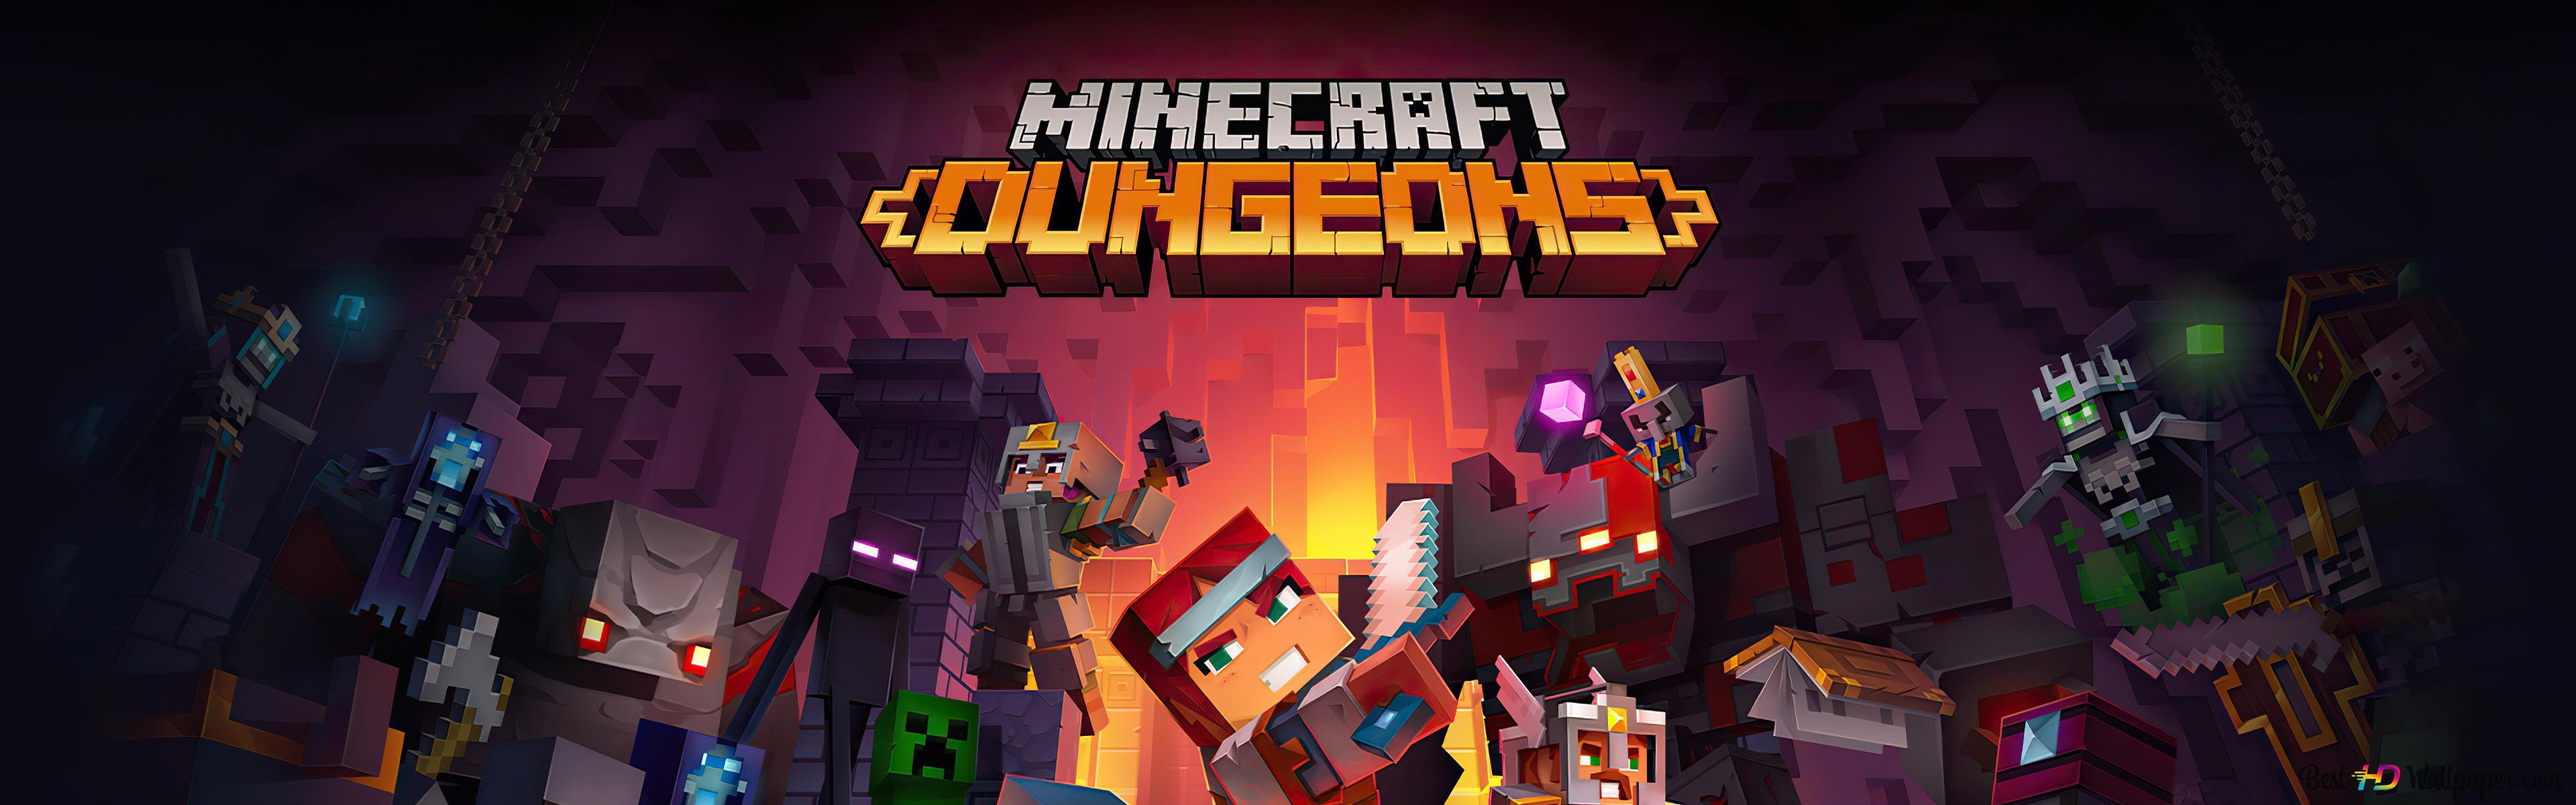 minecraft dungeons wallpaper 3840x1200 55529 62